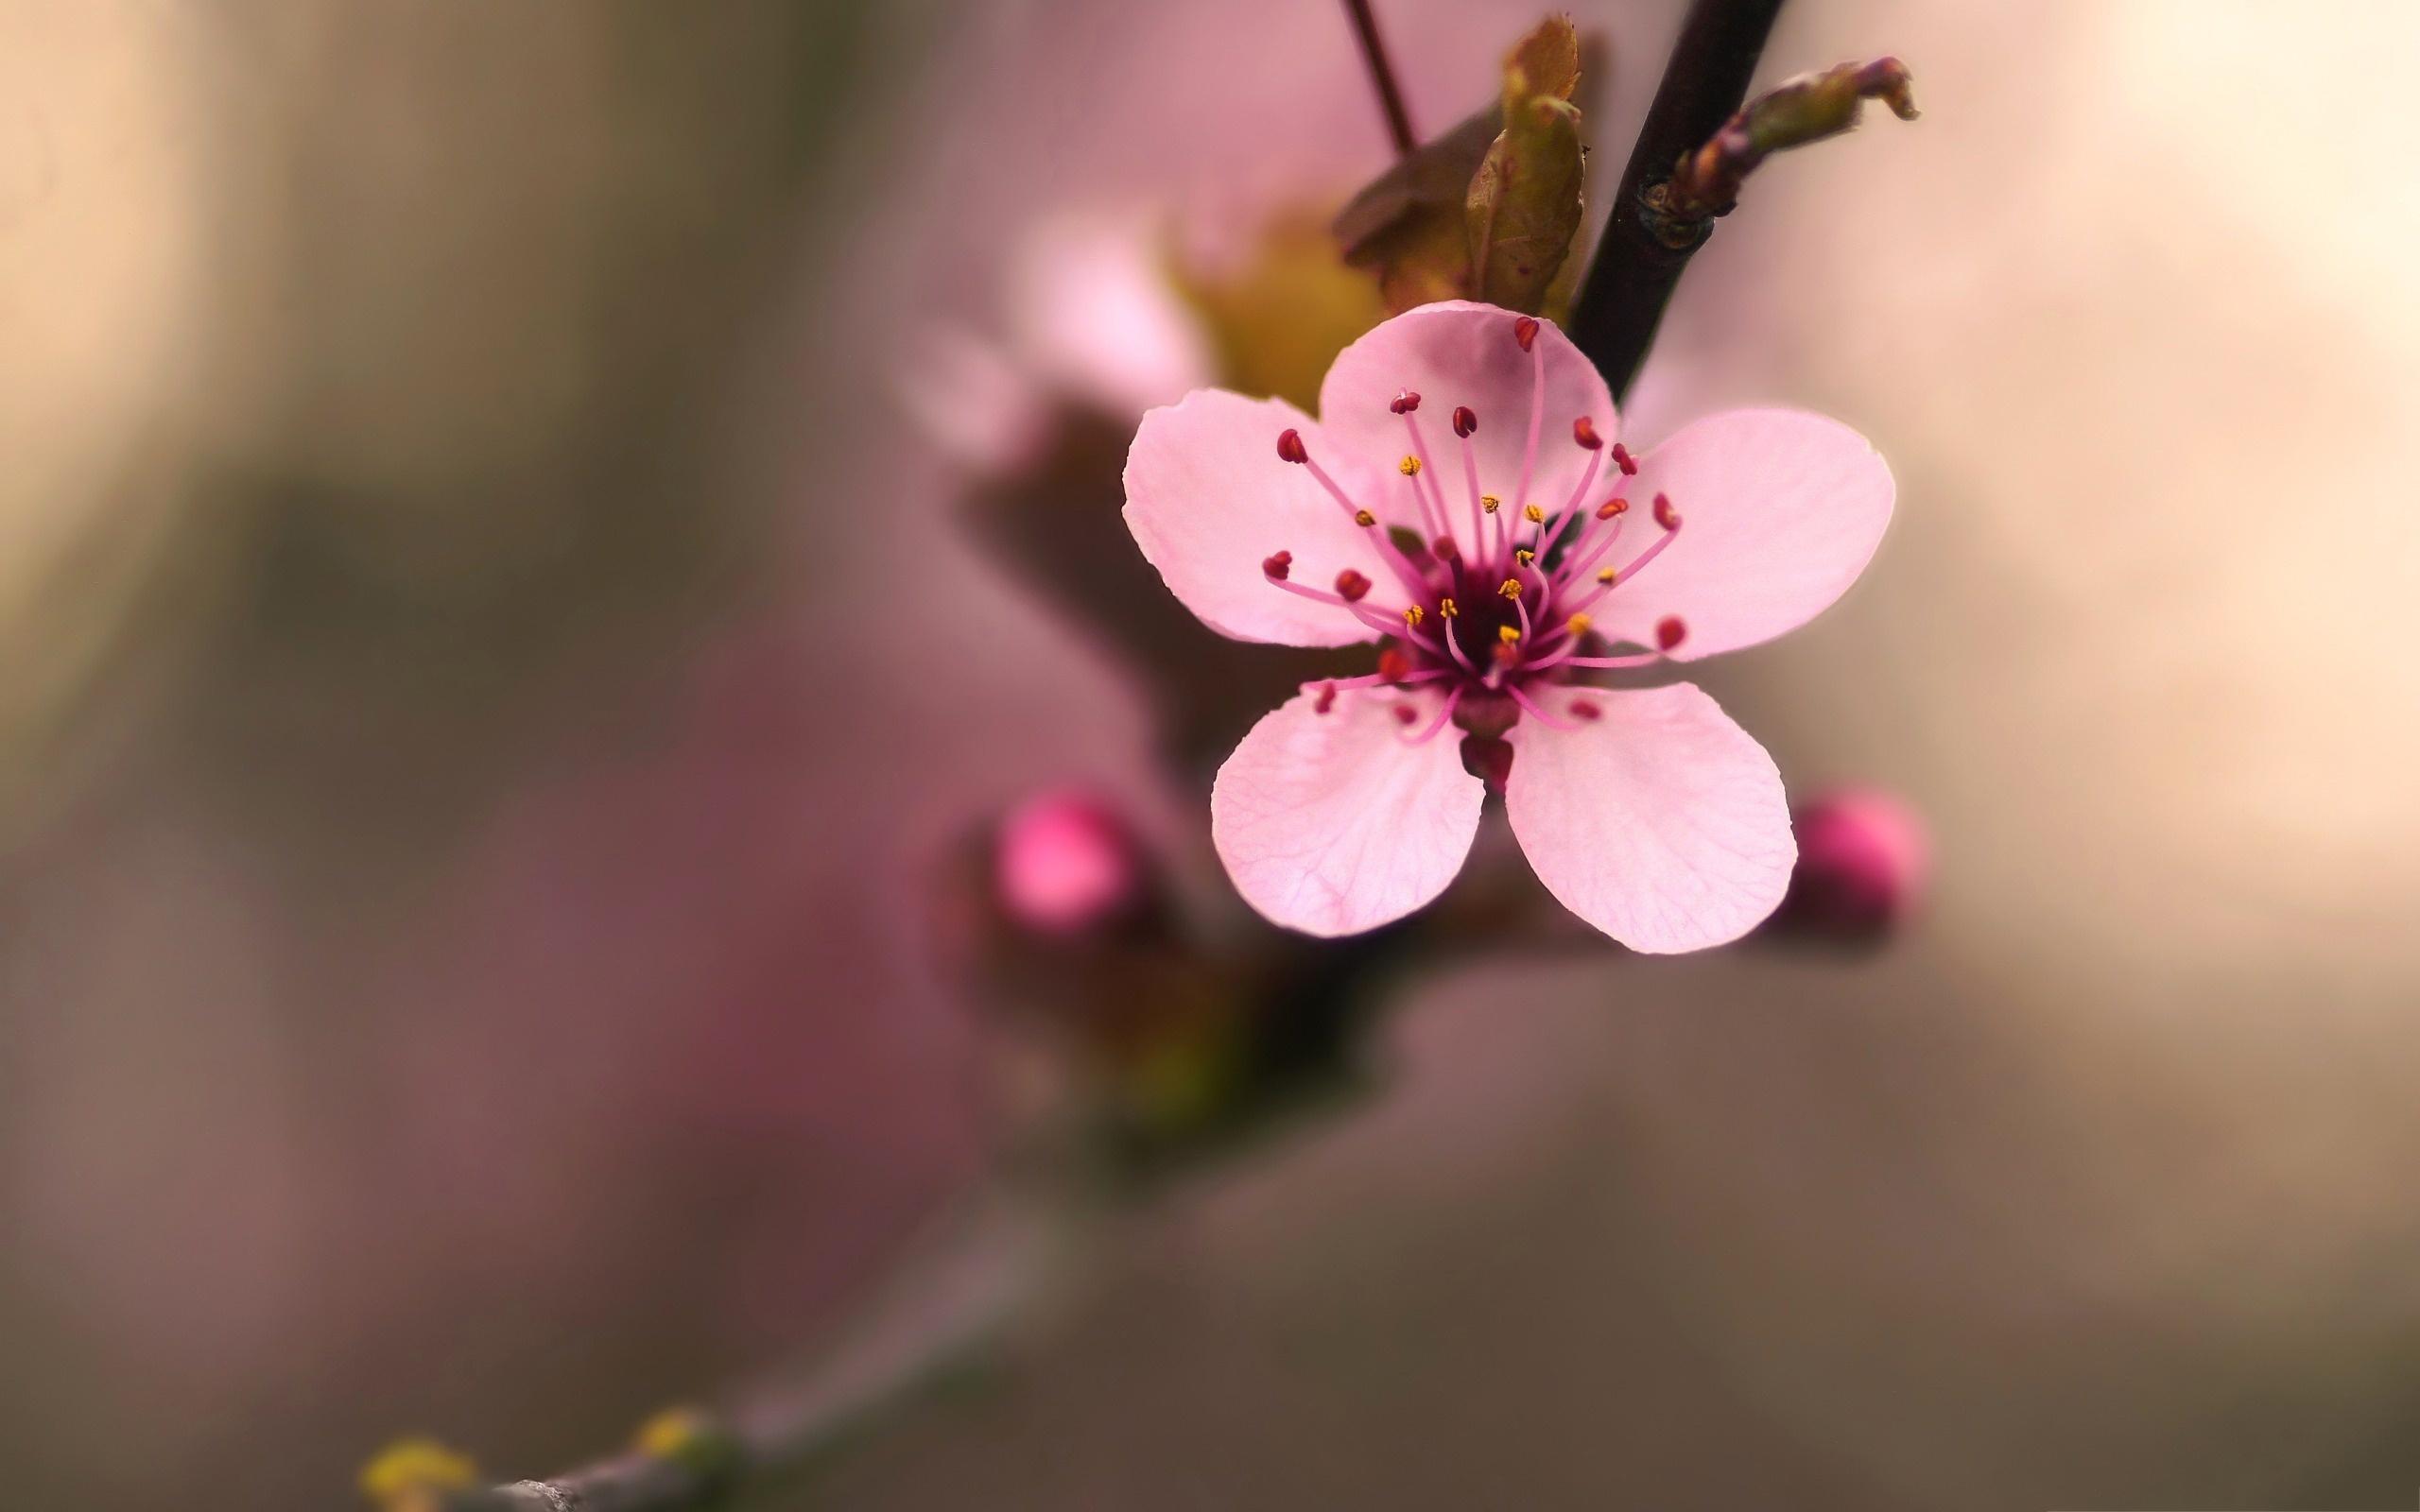 cherry blossom flower A2